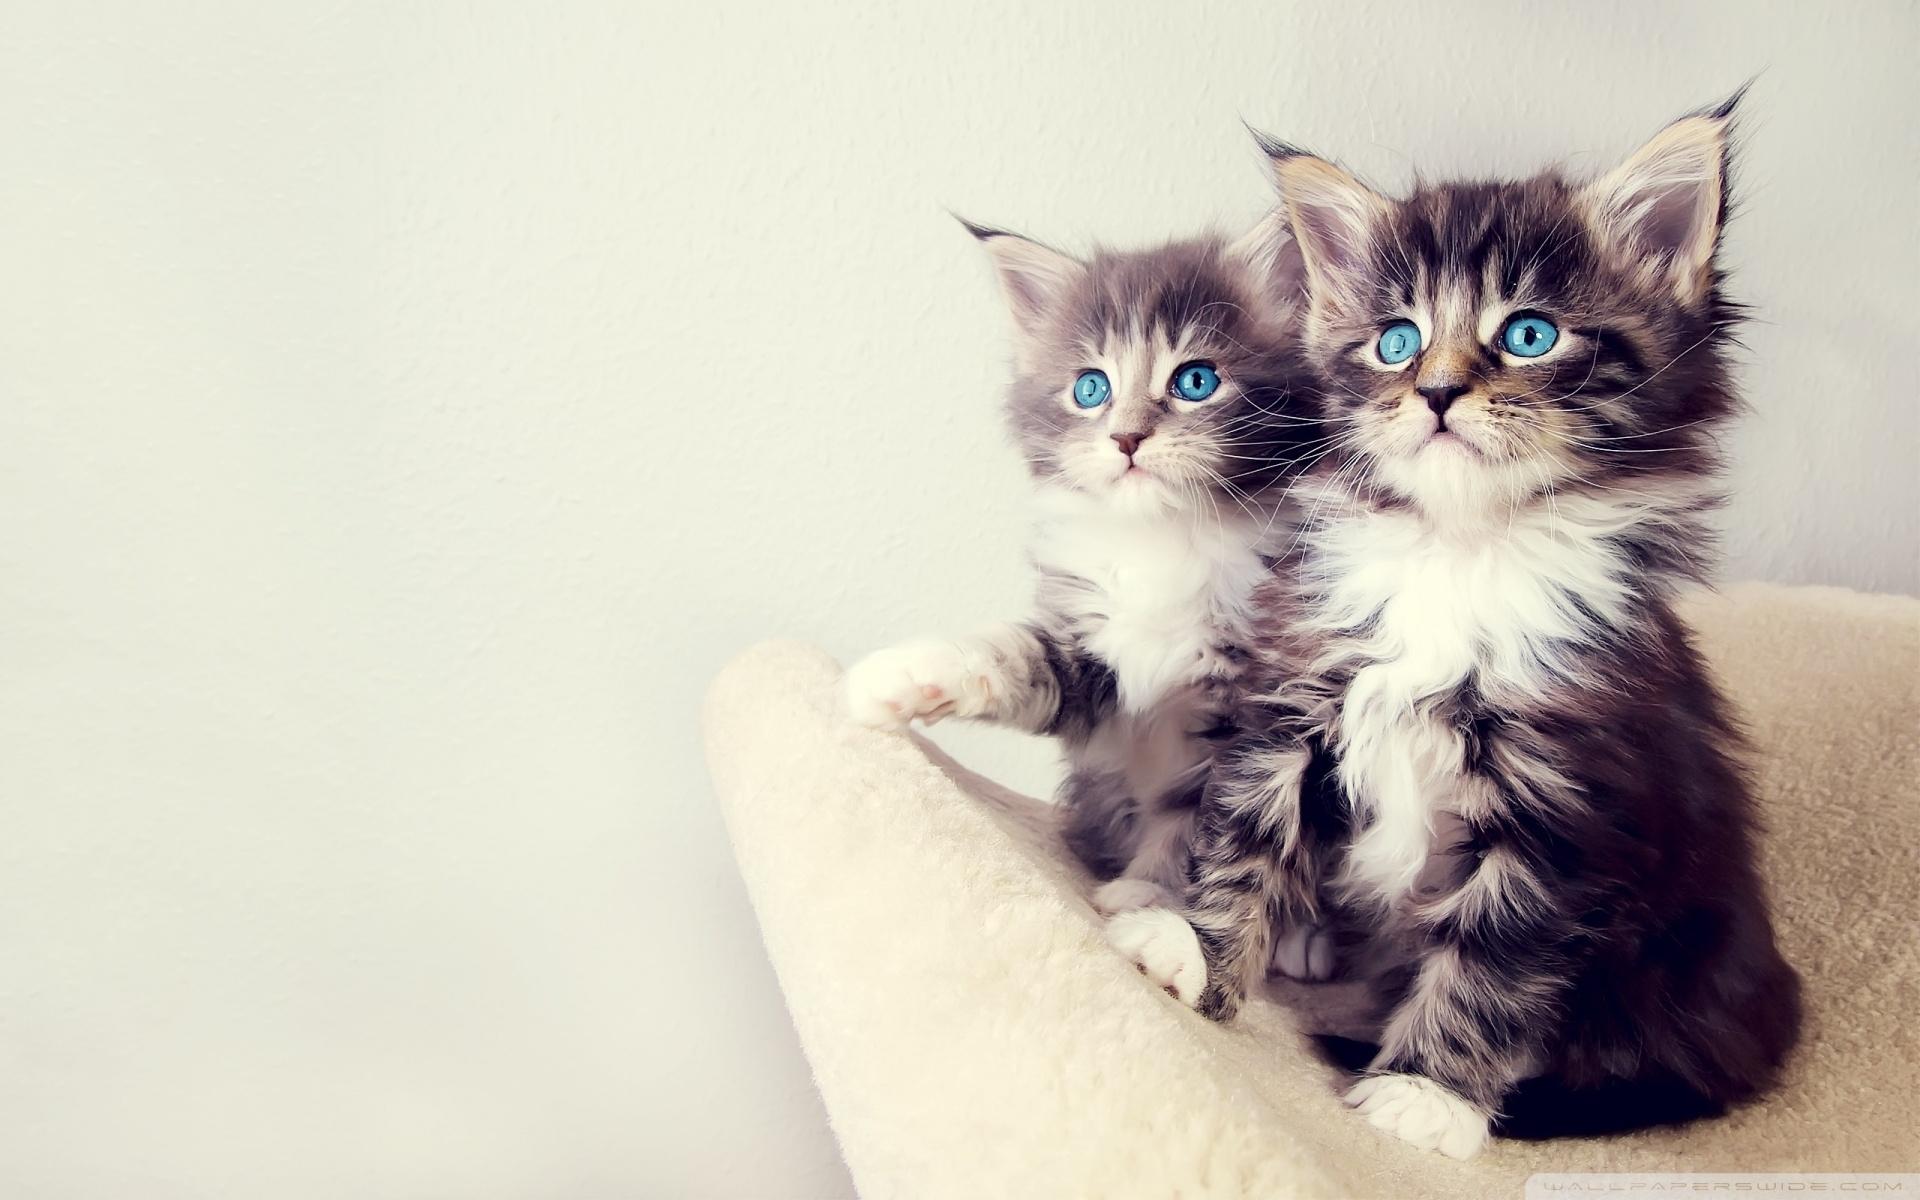 cute kittens ❤ 4k hd desktop wallpaper for 4k ultra hd tv • tablet